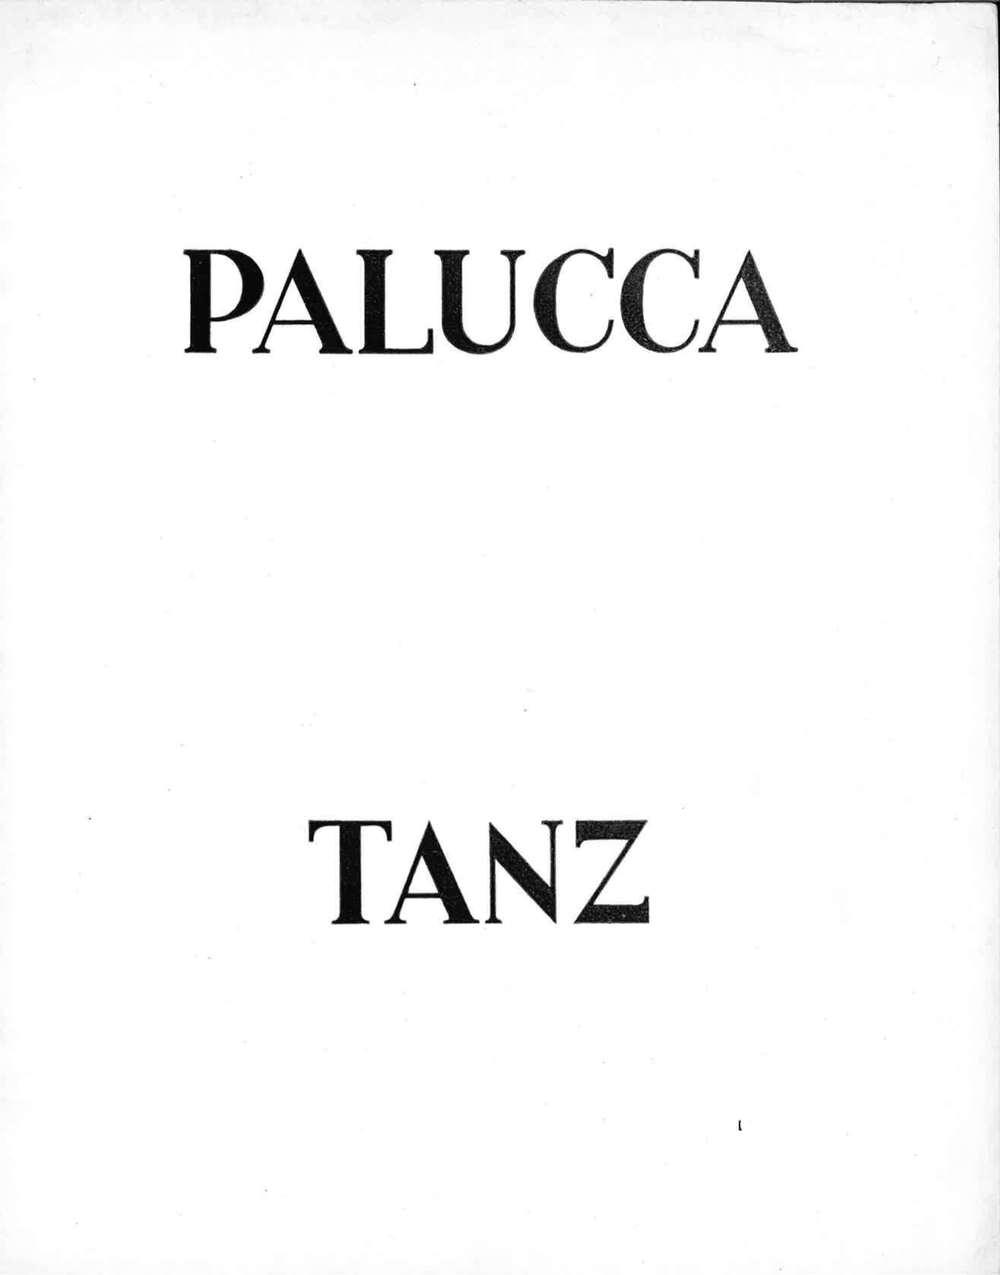 Palucca Tanz, Prospekt III, 1925/26, Dresden 1926 mit Kurztext von Klee (S. 4) ©Zentrum Paul Klee, Bern, Bildarchiv  Download